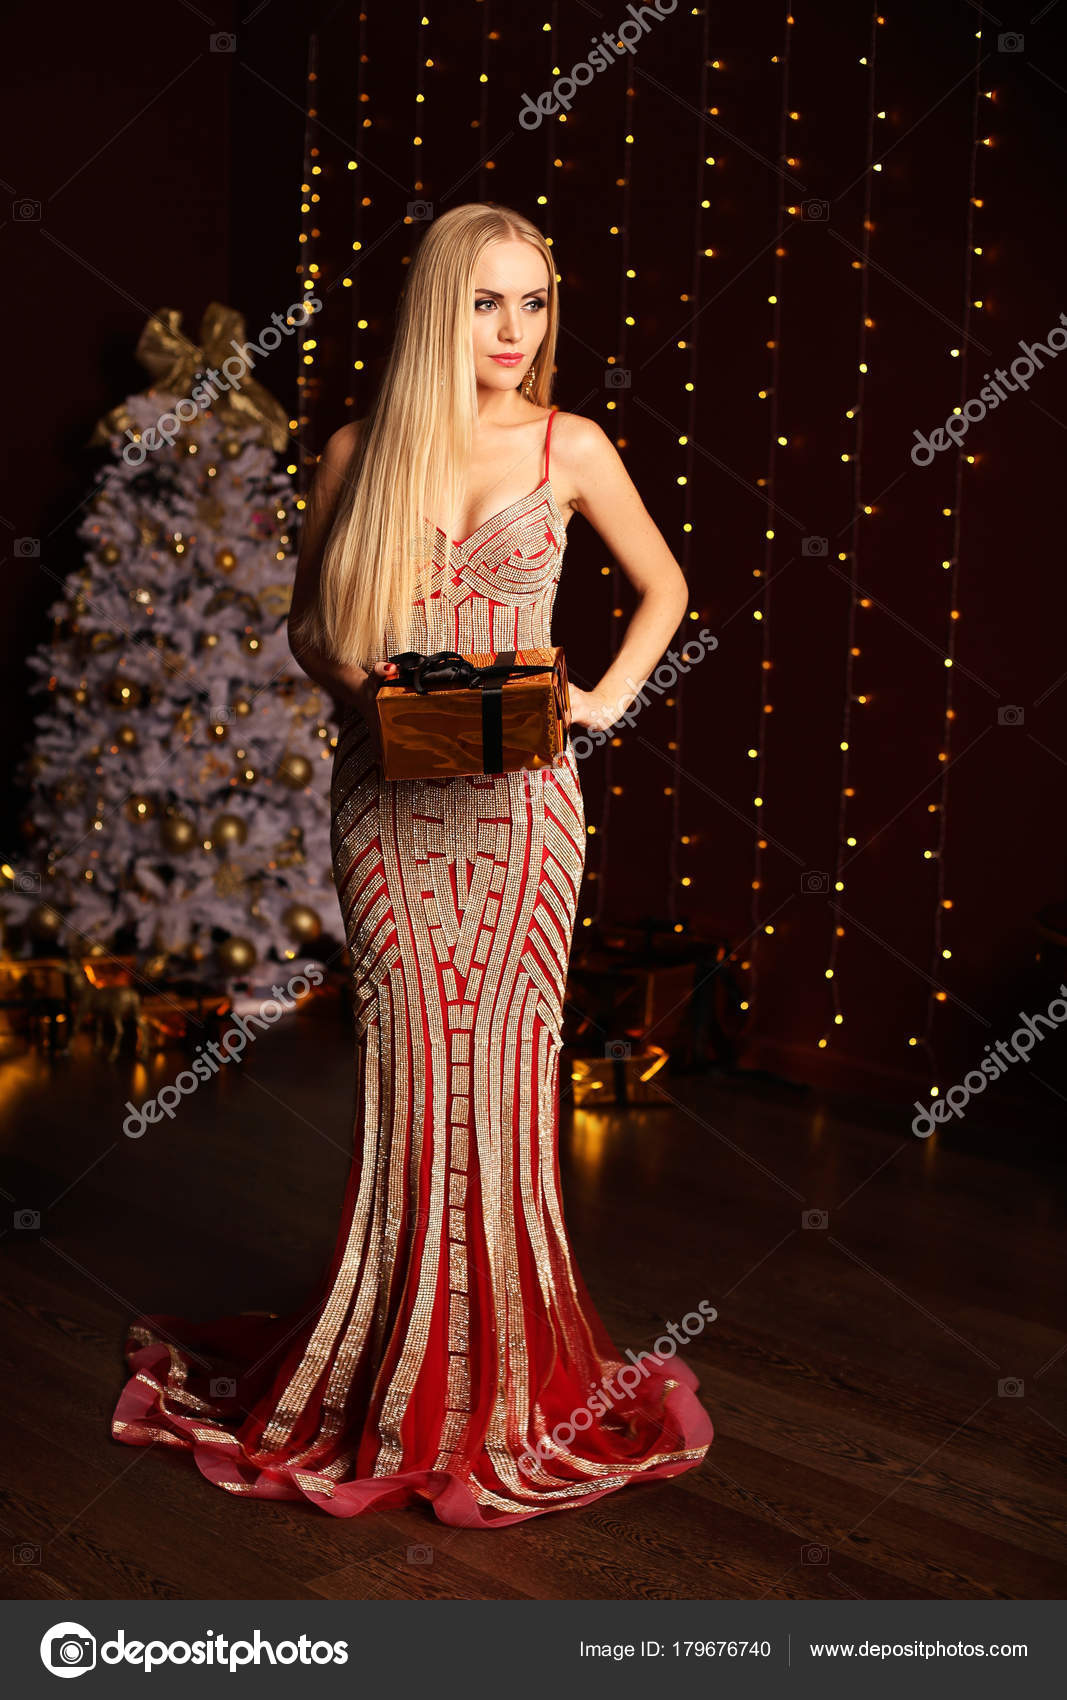 562b634d2467 mujer con pelo rubio en vestido de noche de lujo posando cerca de ...